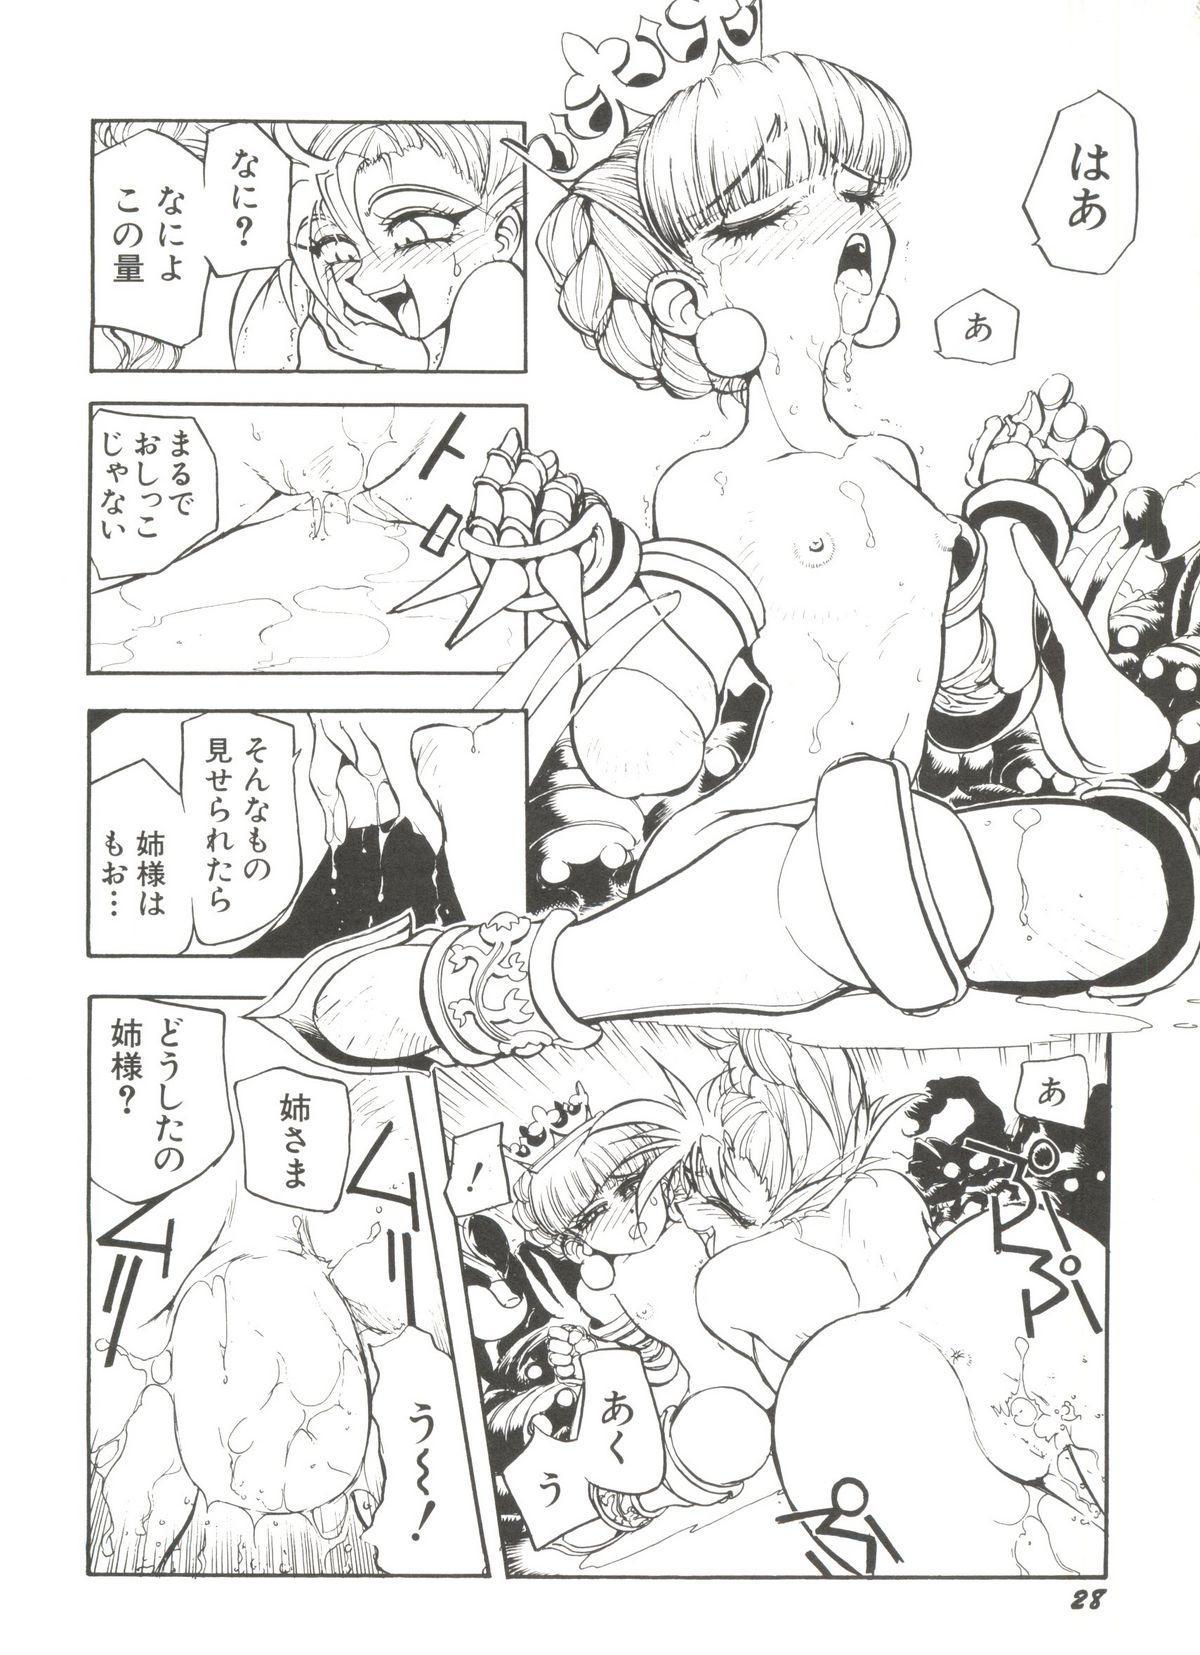 Denei Tamate Bako Bishoujo Doujinshi Anthology Vol. 2 - Nishinhou no Tenshi 31